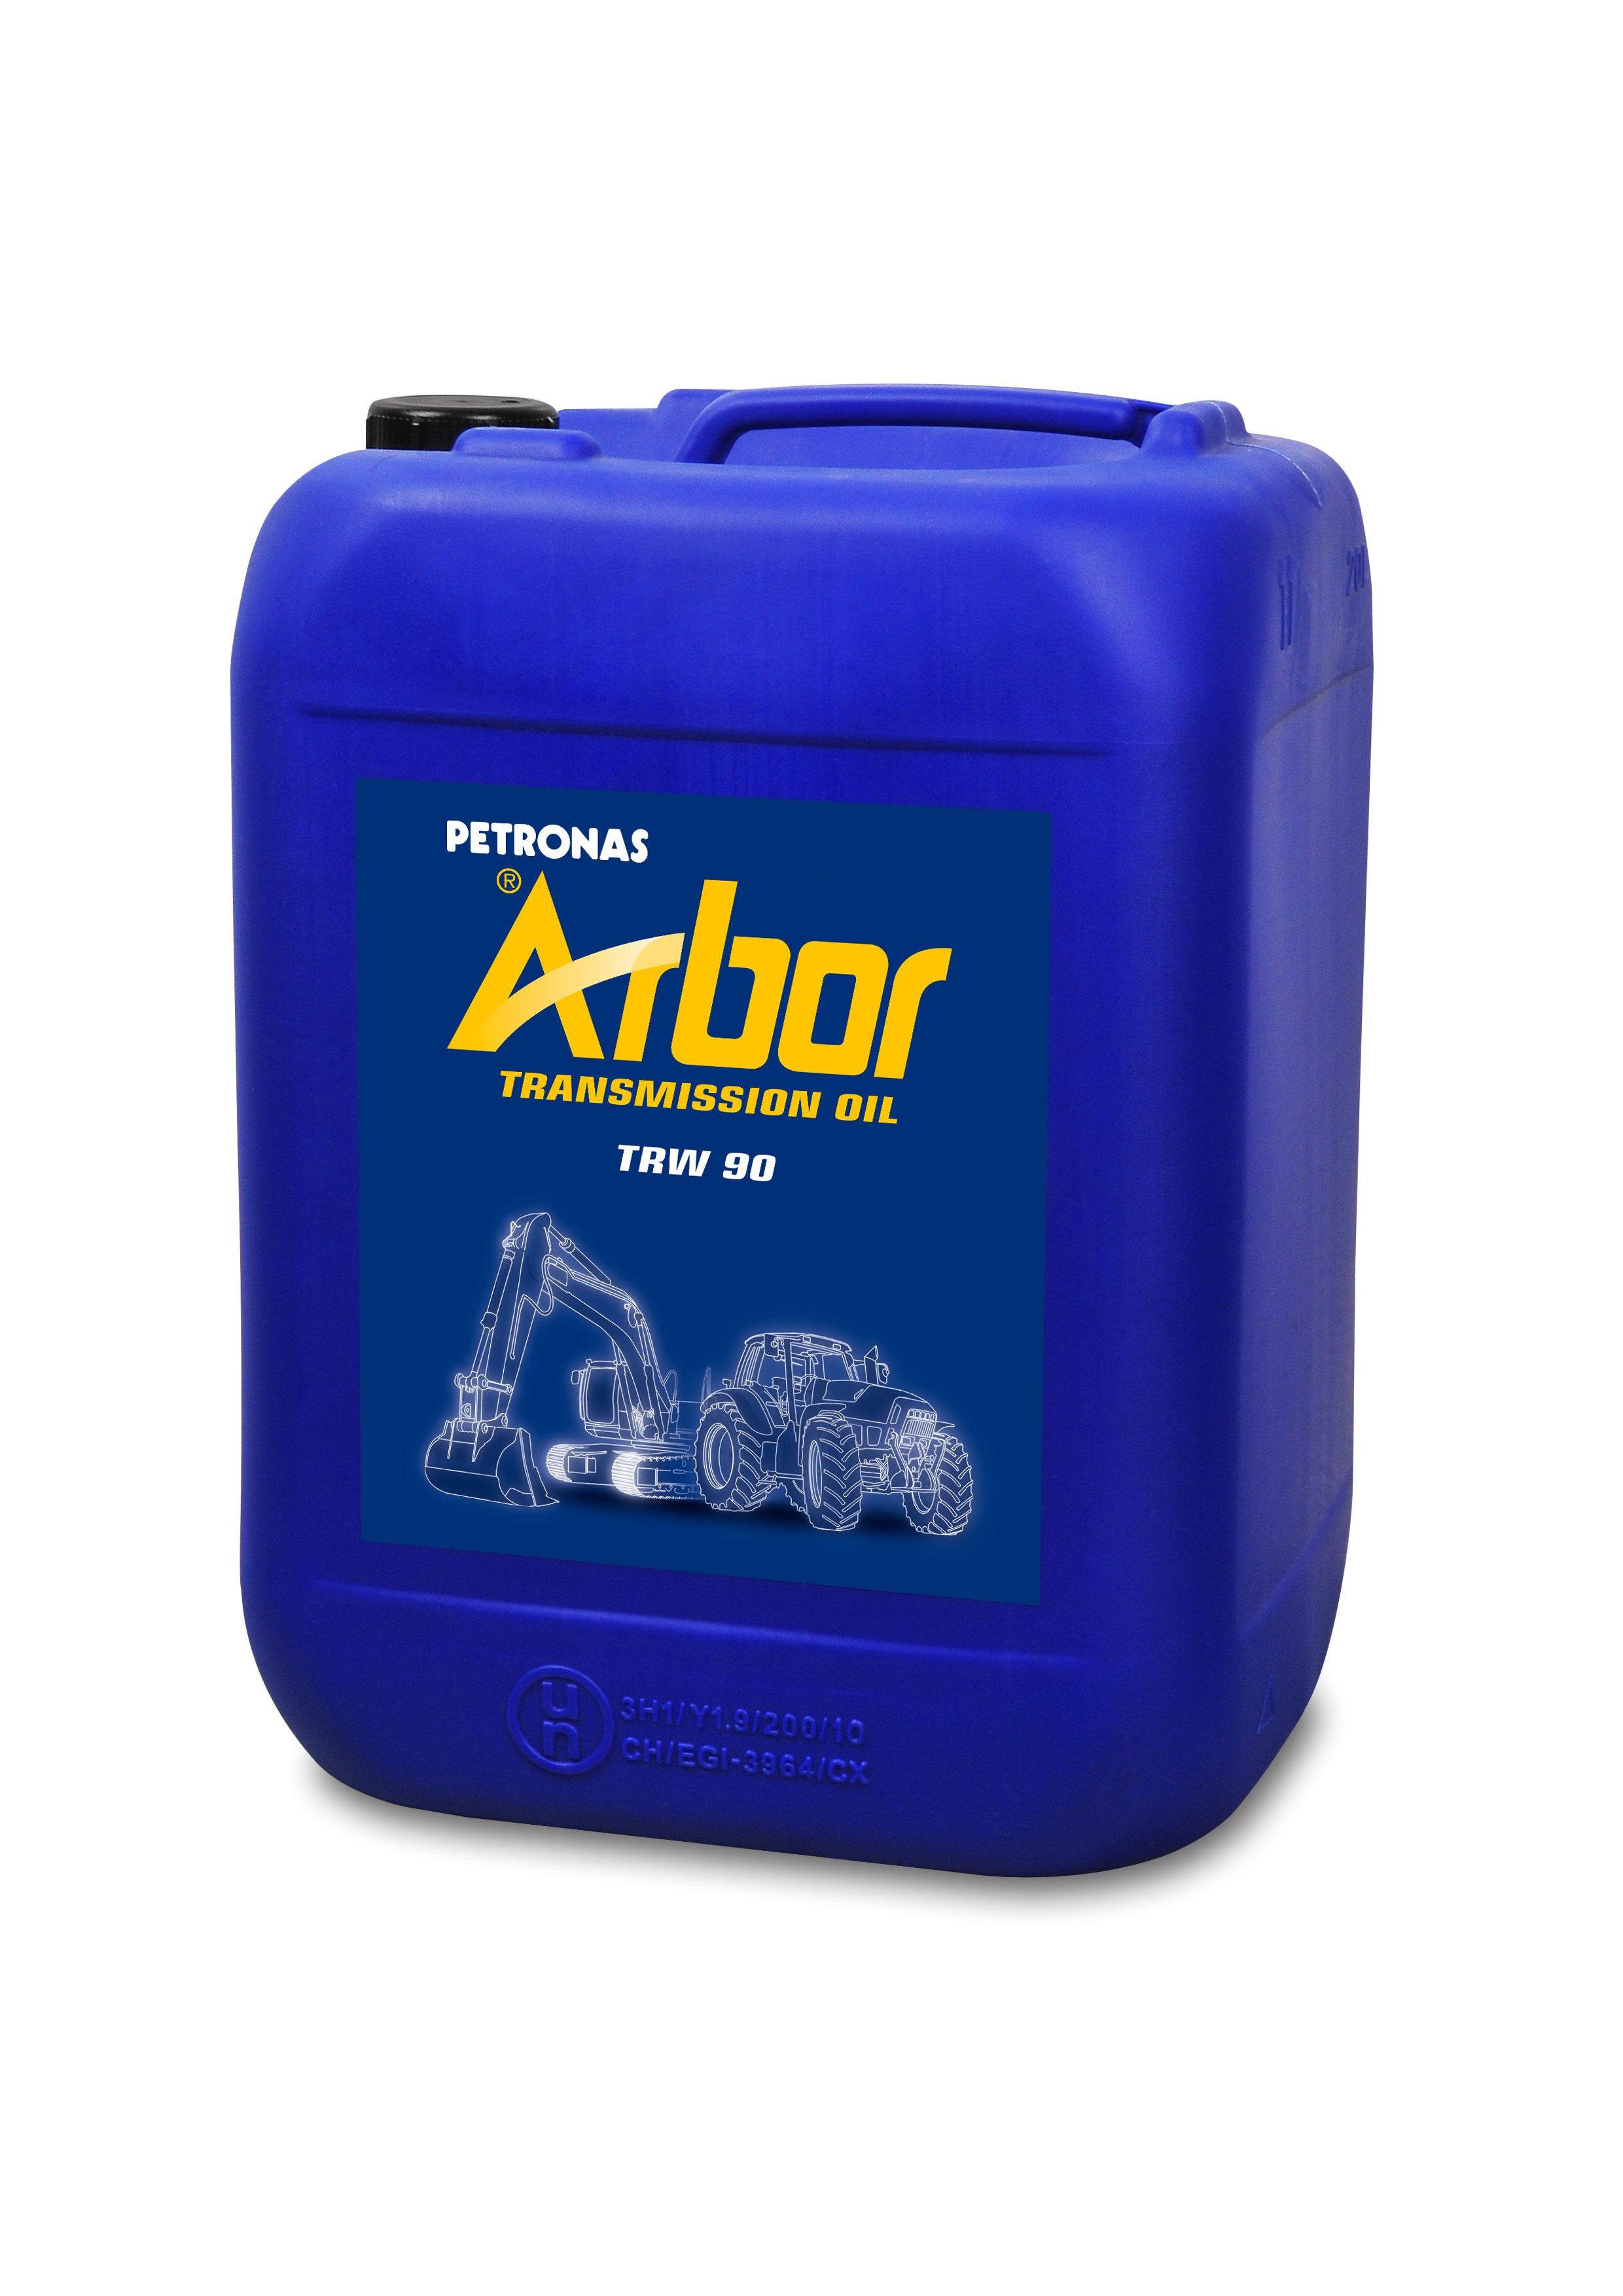 ARBOR TRW 90